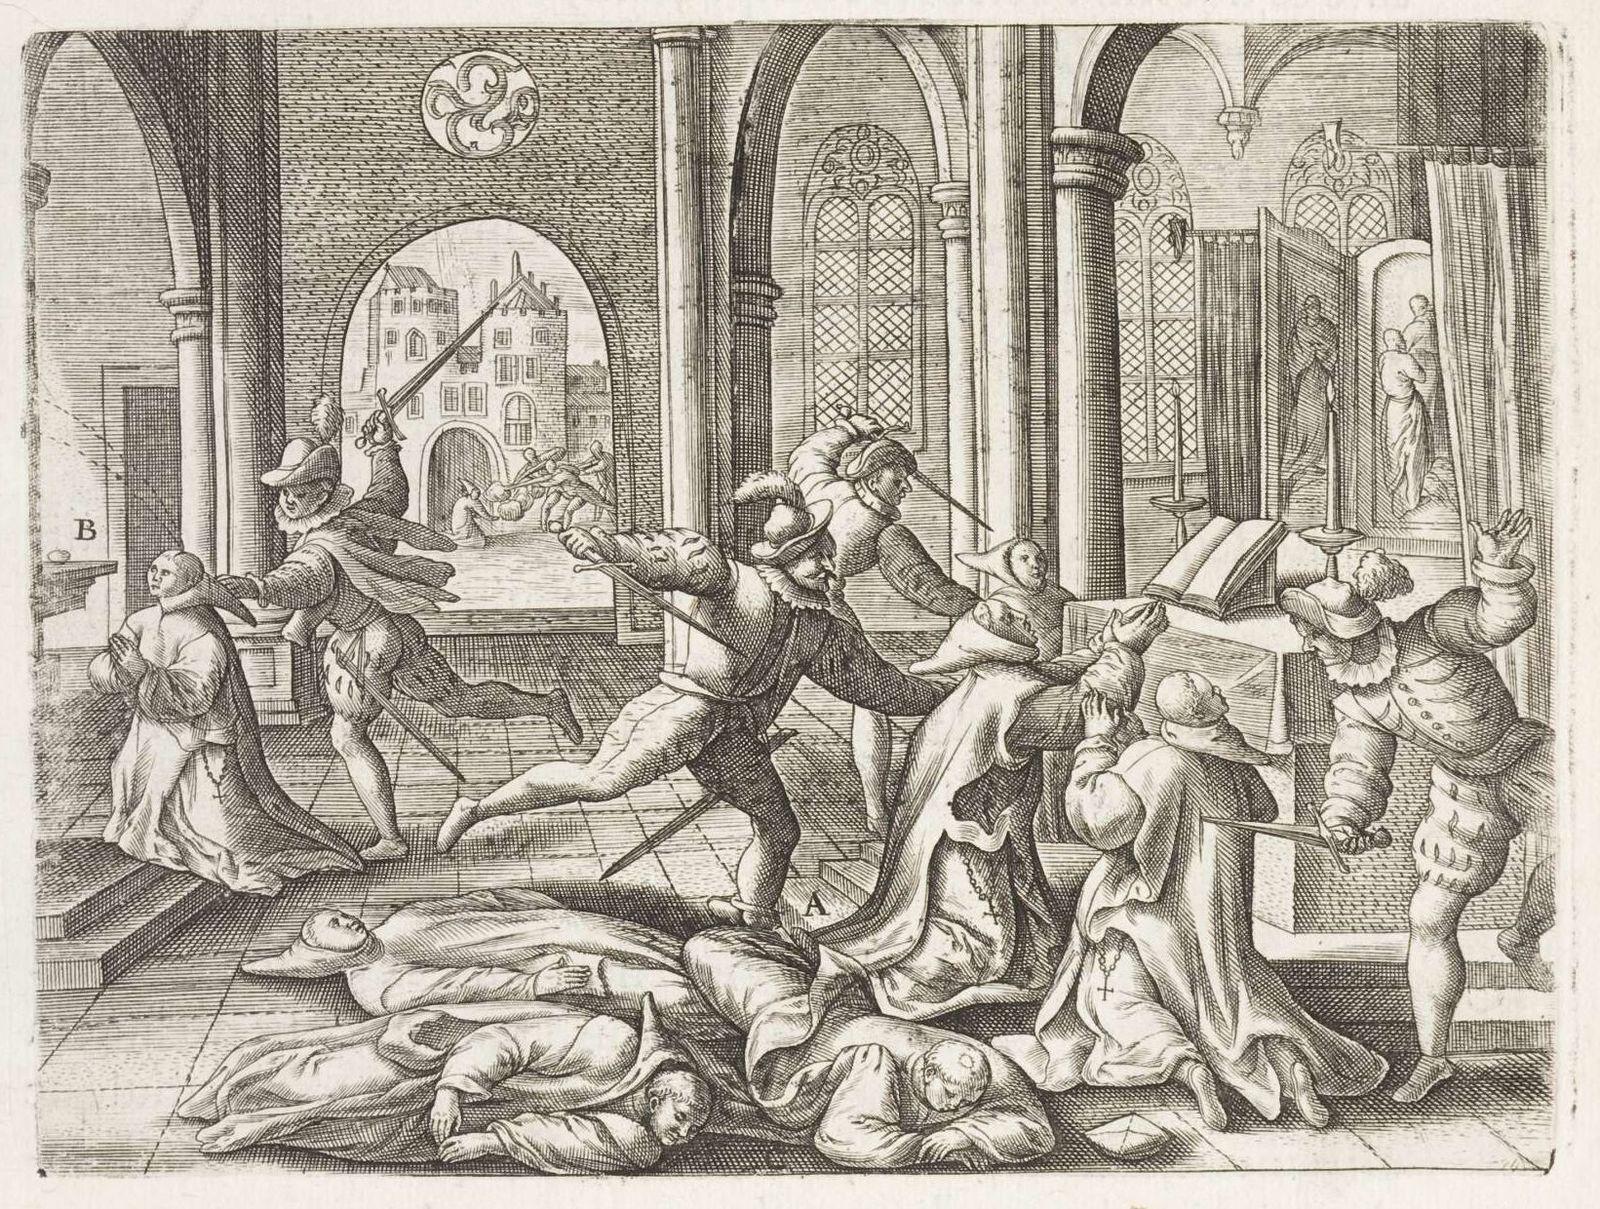 Сексуальное наказание в средние века #8